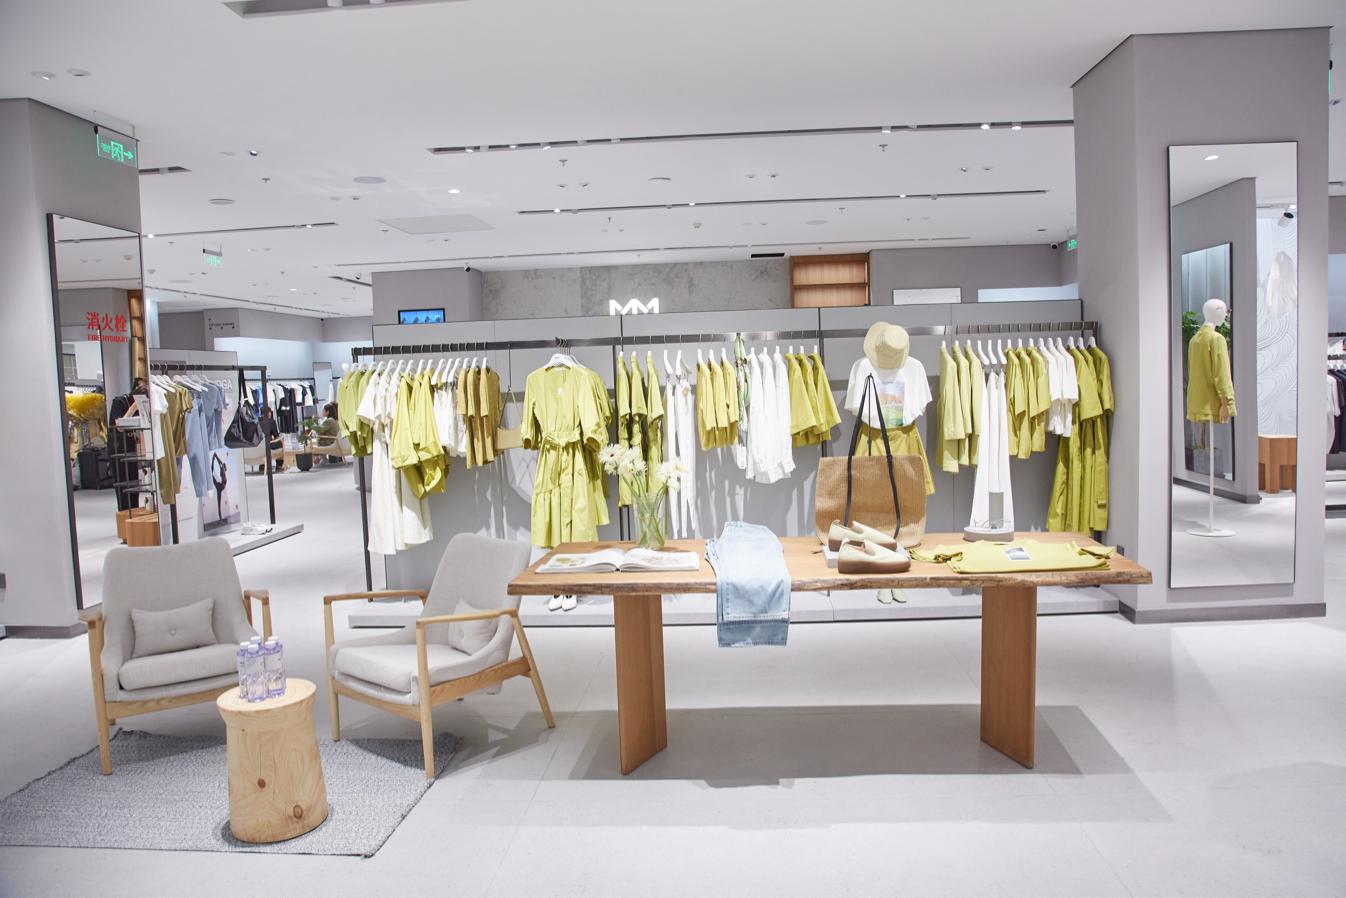 伊芙丽团体总裁孙公科:动作新物种,麦檬M+观念店满意了咱们对将来品牌的设想|赢商对话